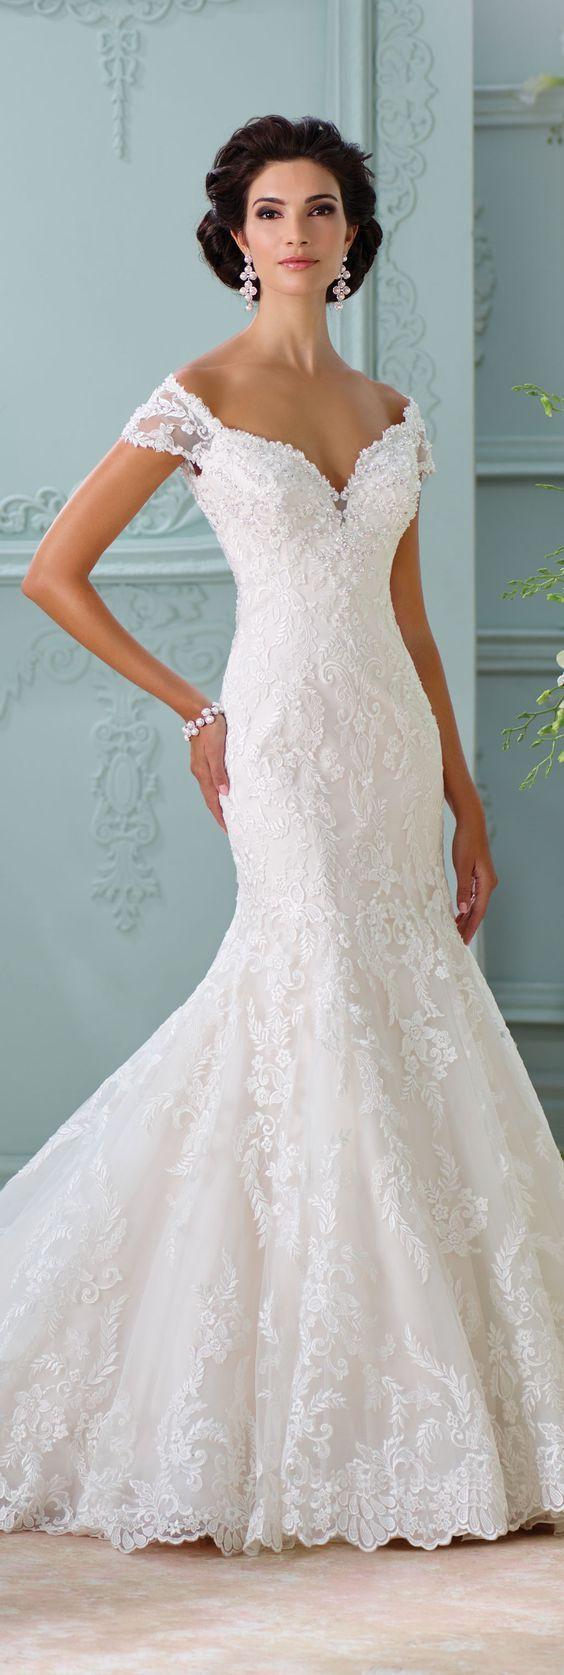 photo robe de mariée créateur pas cher 077 et plus encore sur www.robe2mariage.eu